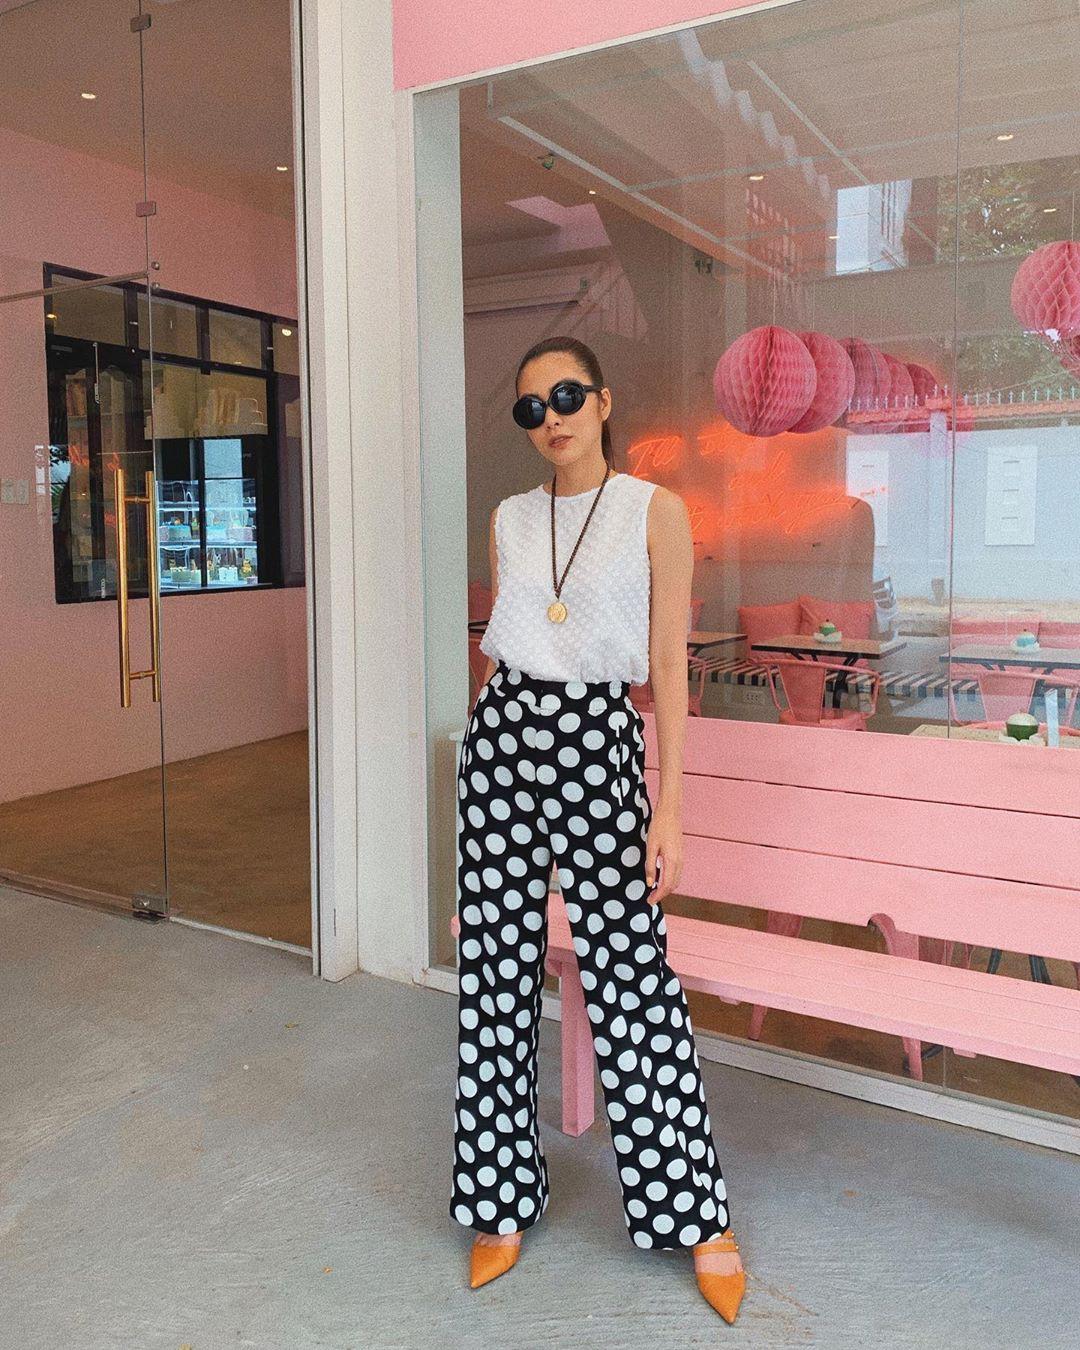 Làm chủ công thức diện đồ đen - trắng với 13 ý tưởng từ sao nữ Việt, và style của bạn sẽ lên đời thấy rõ-7